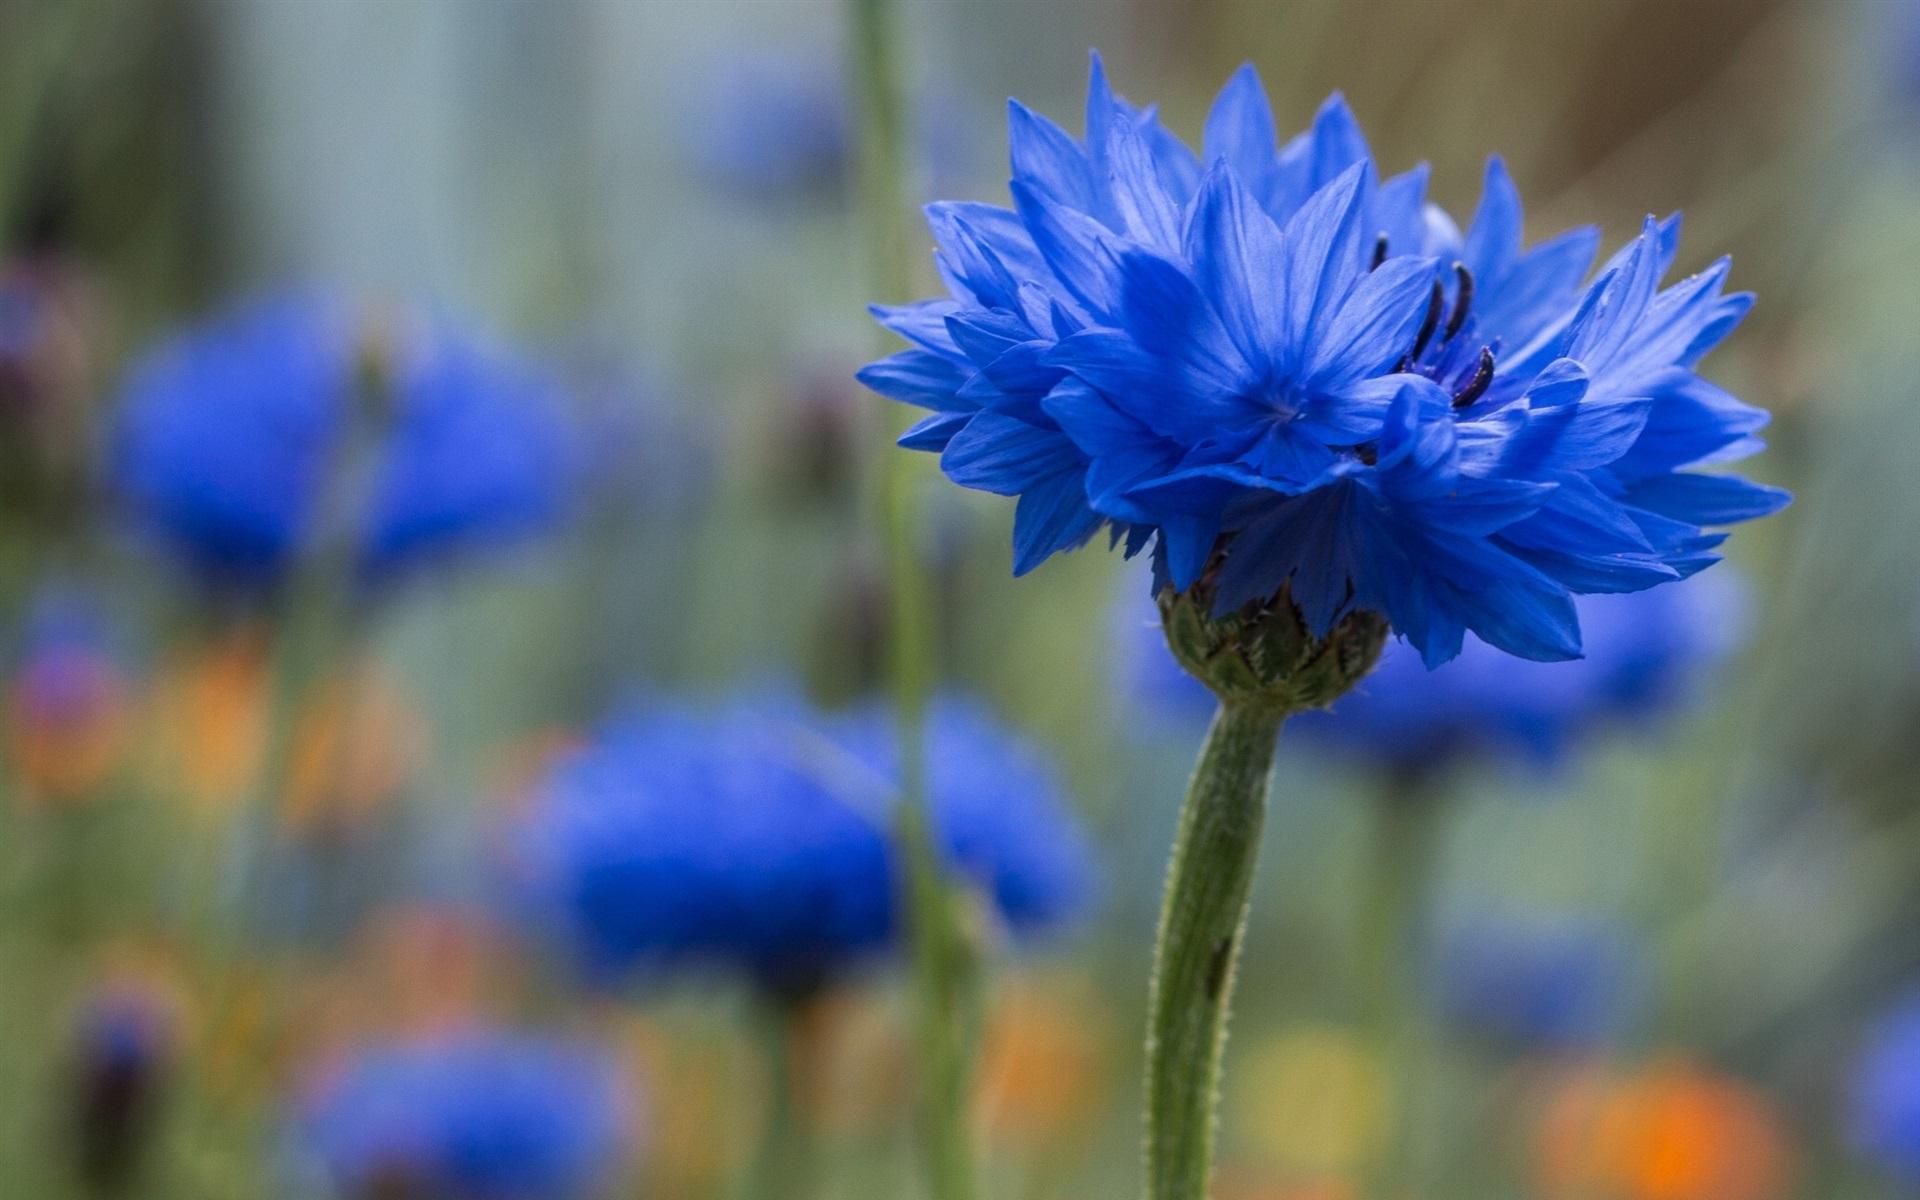 Hintergrundbilder Blaue Blume: Blaue Kornblumen-Blume 1920x1200 HD Hintergrundbilder, HD